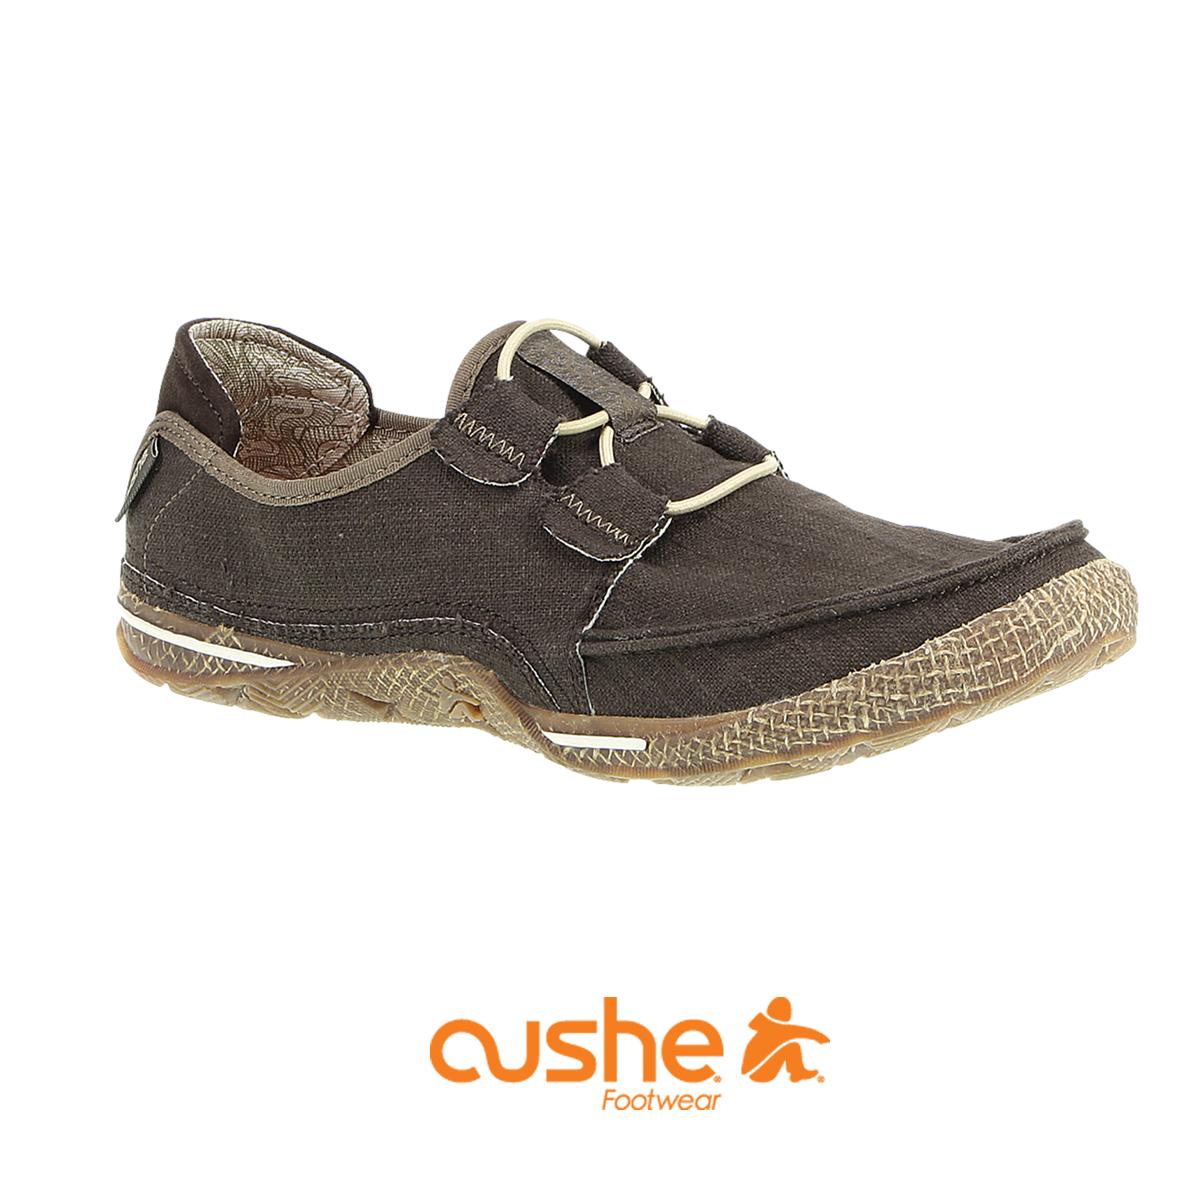 Cushe Shorething Disponible En Tiendas Adoc Y Hush Puppies En Centroamerica Mens Casual Shoes Casual Shoes Boat Shoes